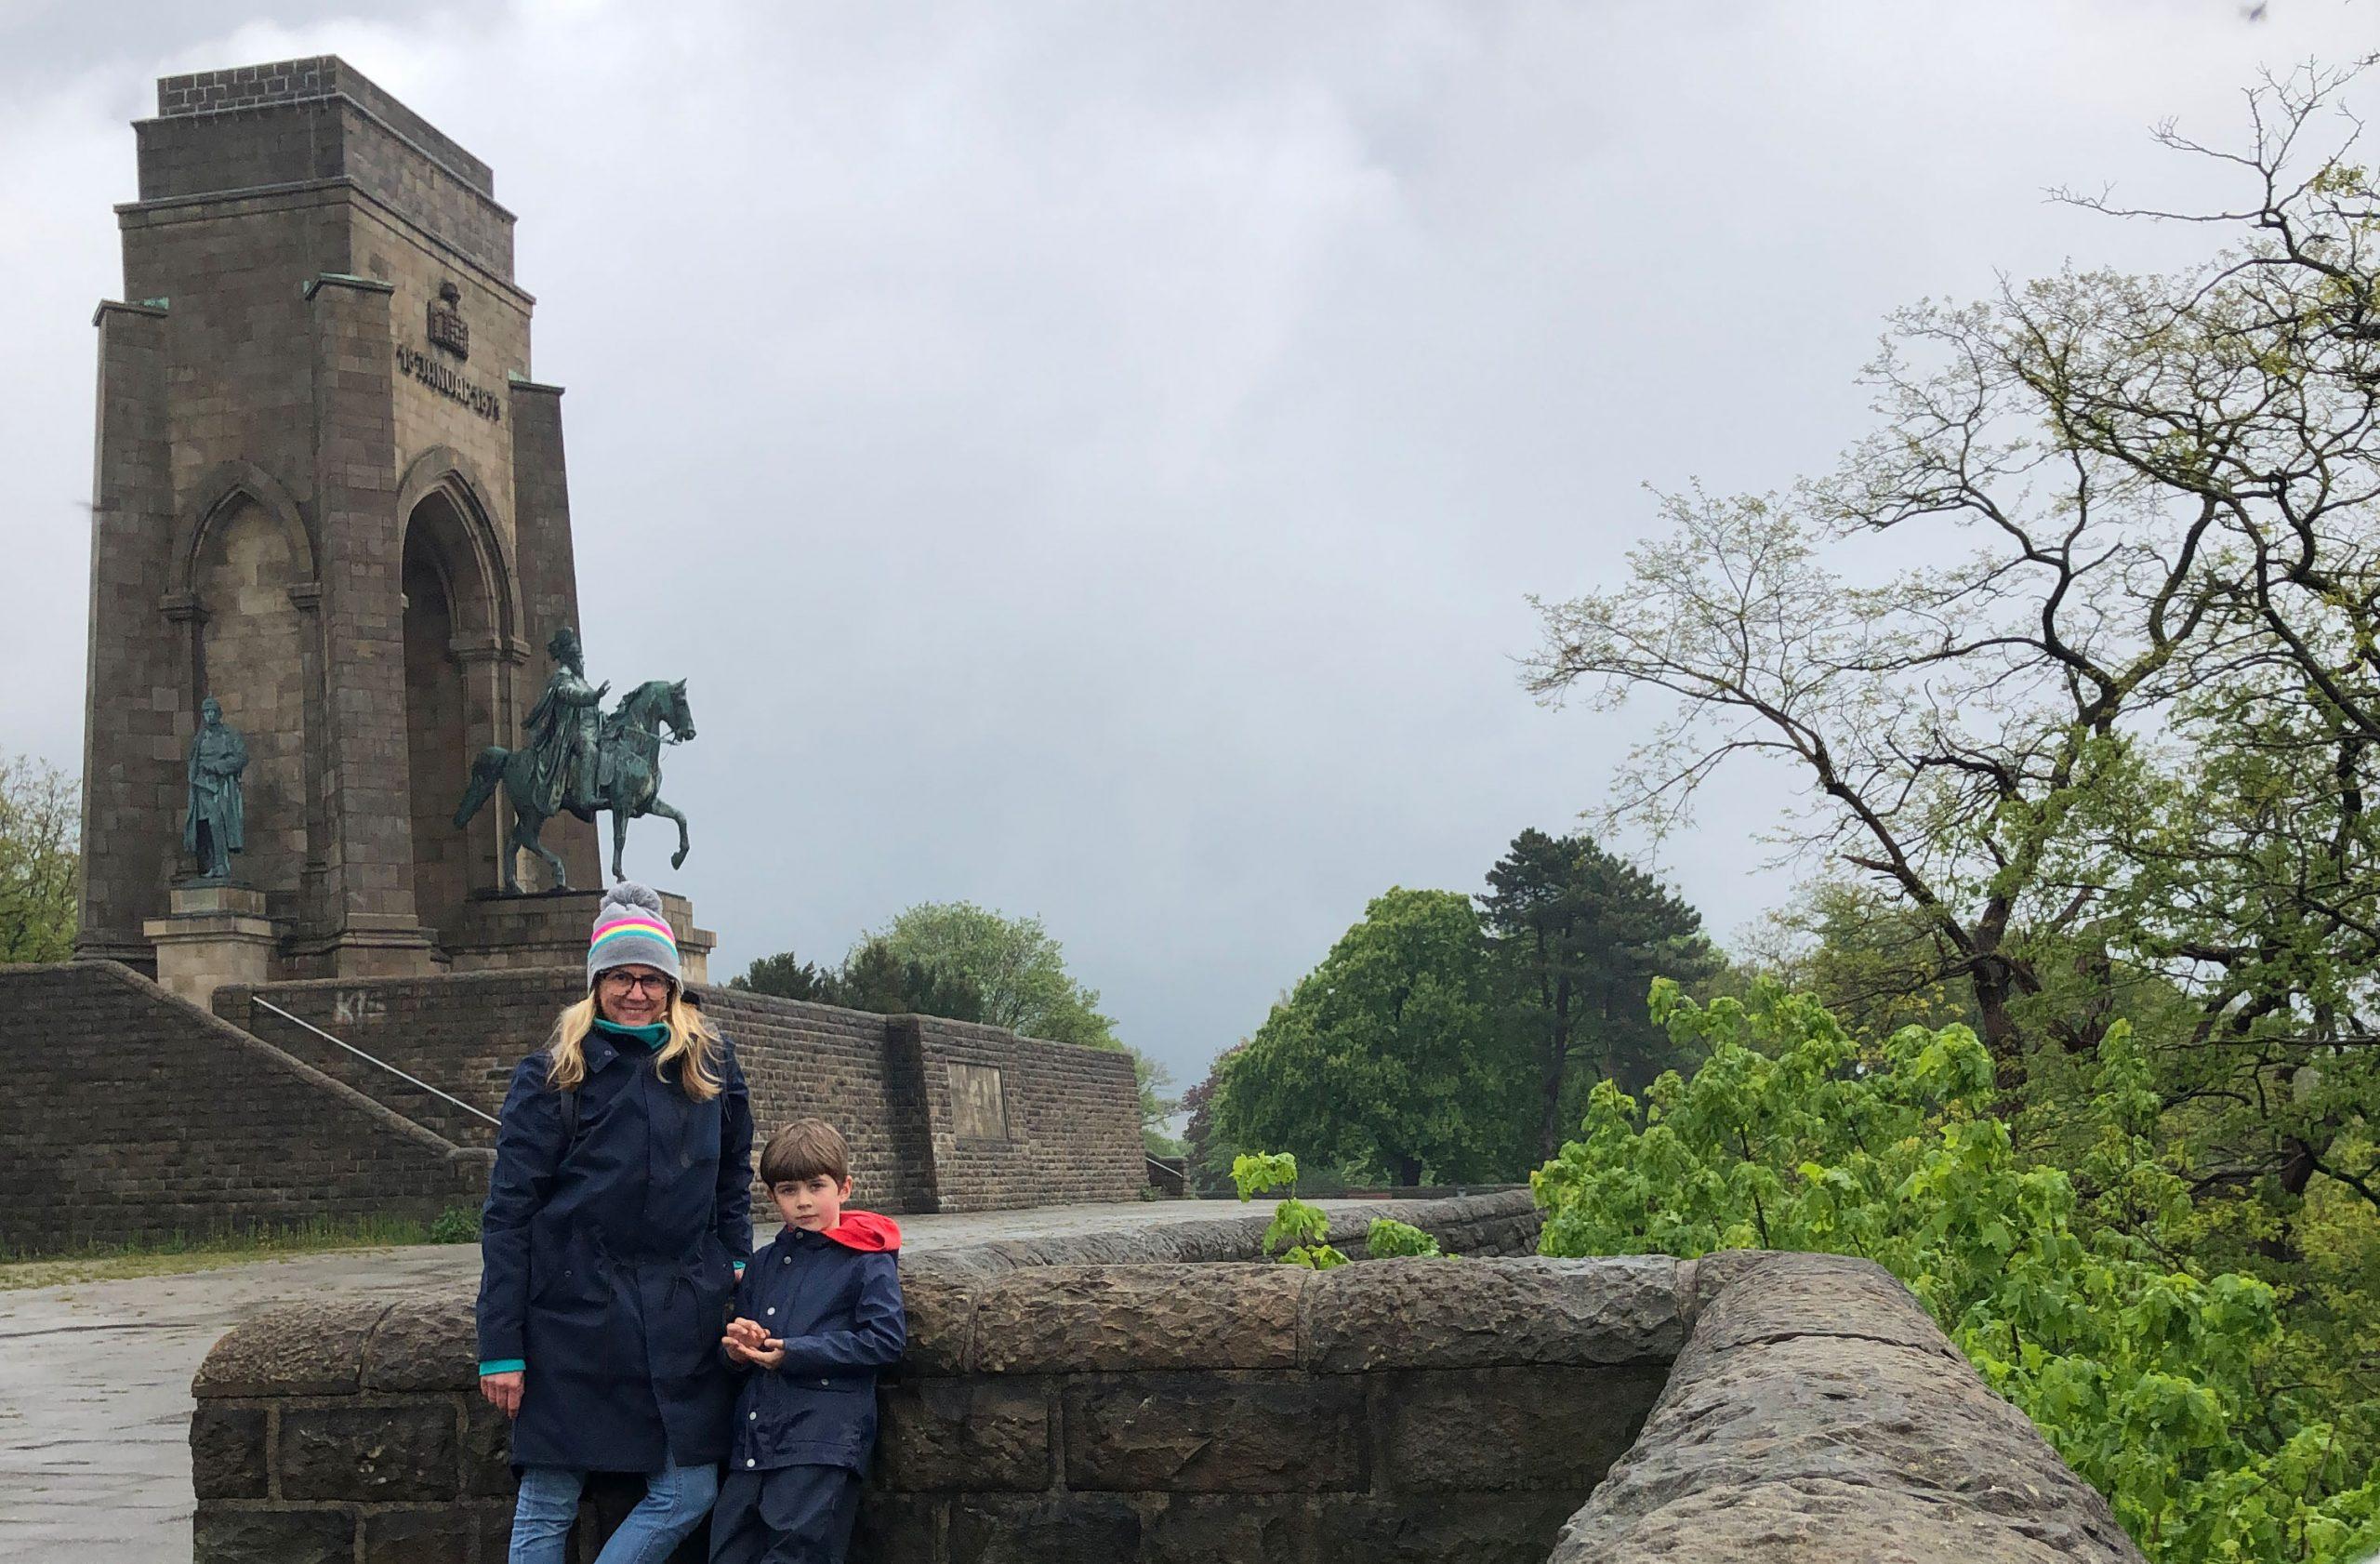 Blick auf das Kaiser-Willhelm-Denkmal in Hohensyburg